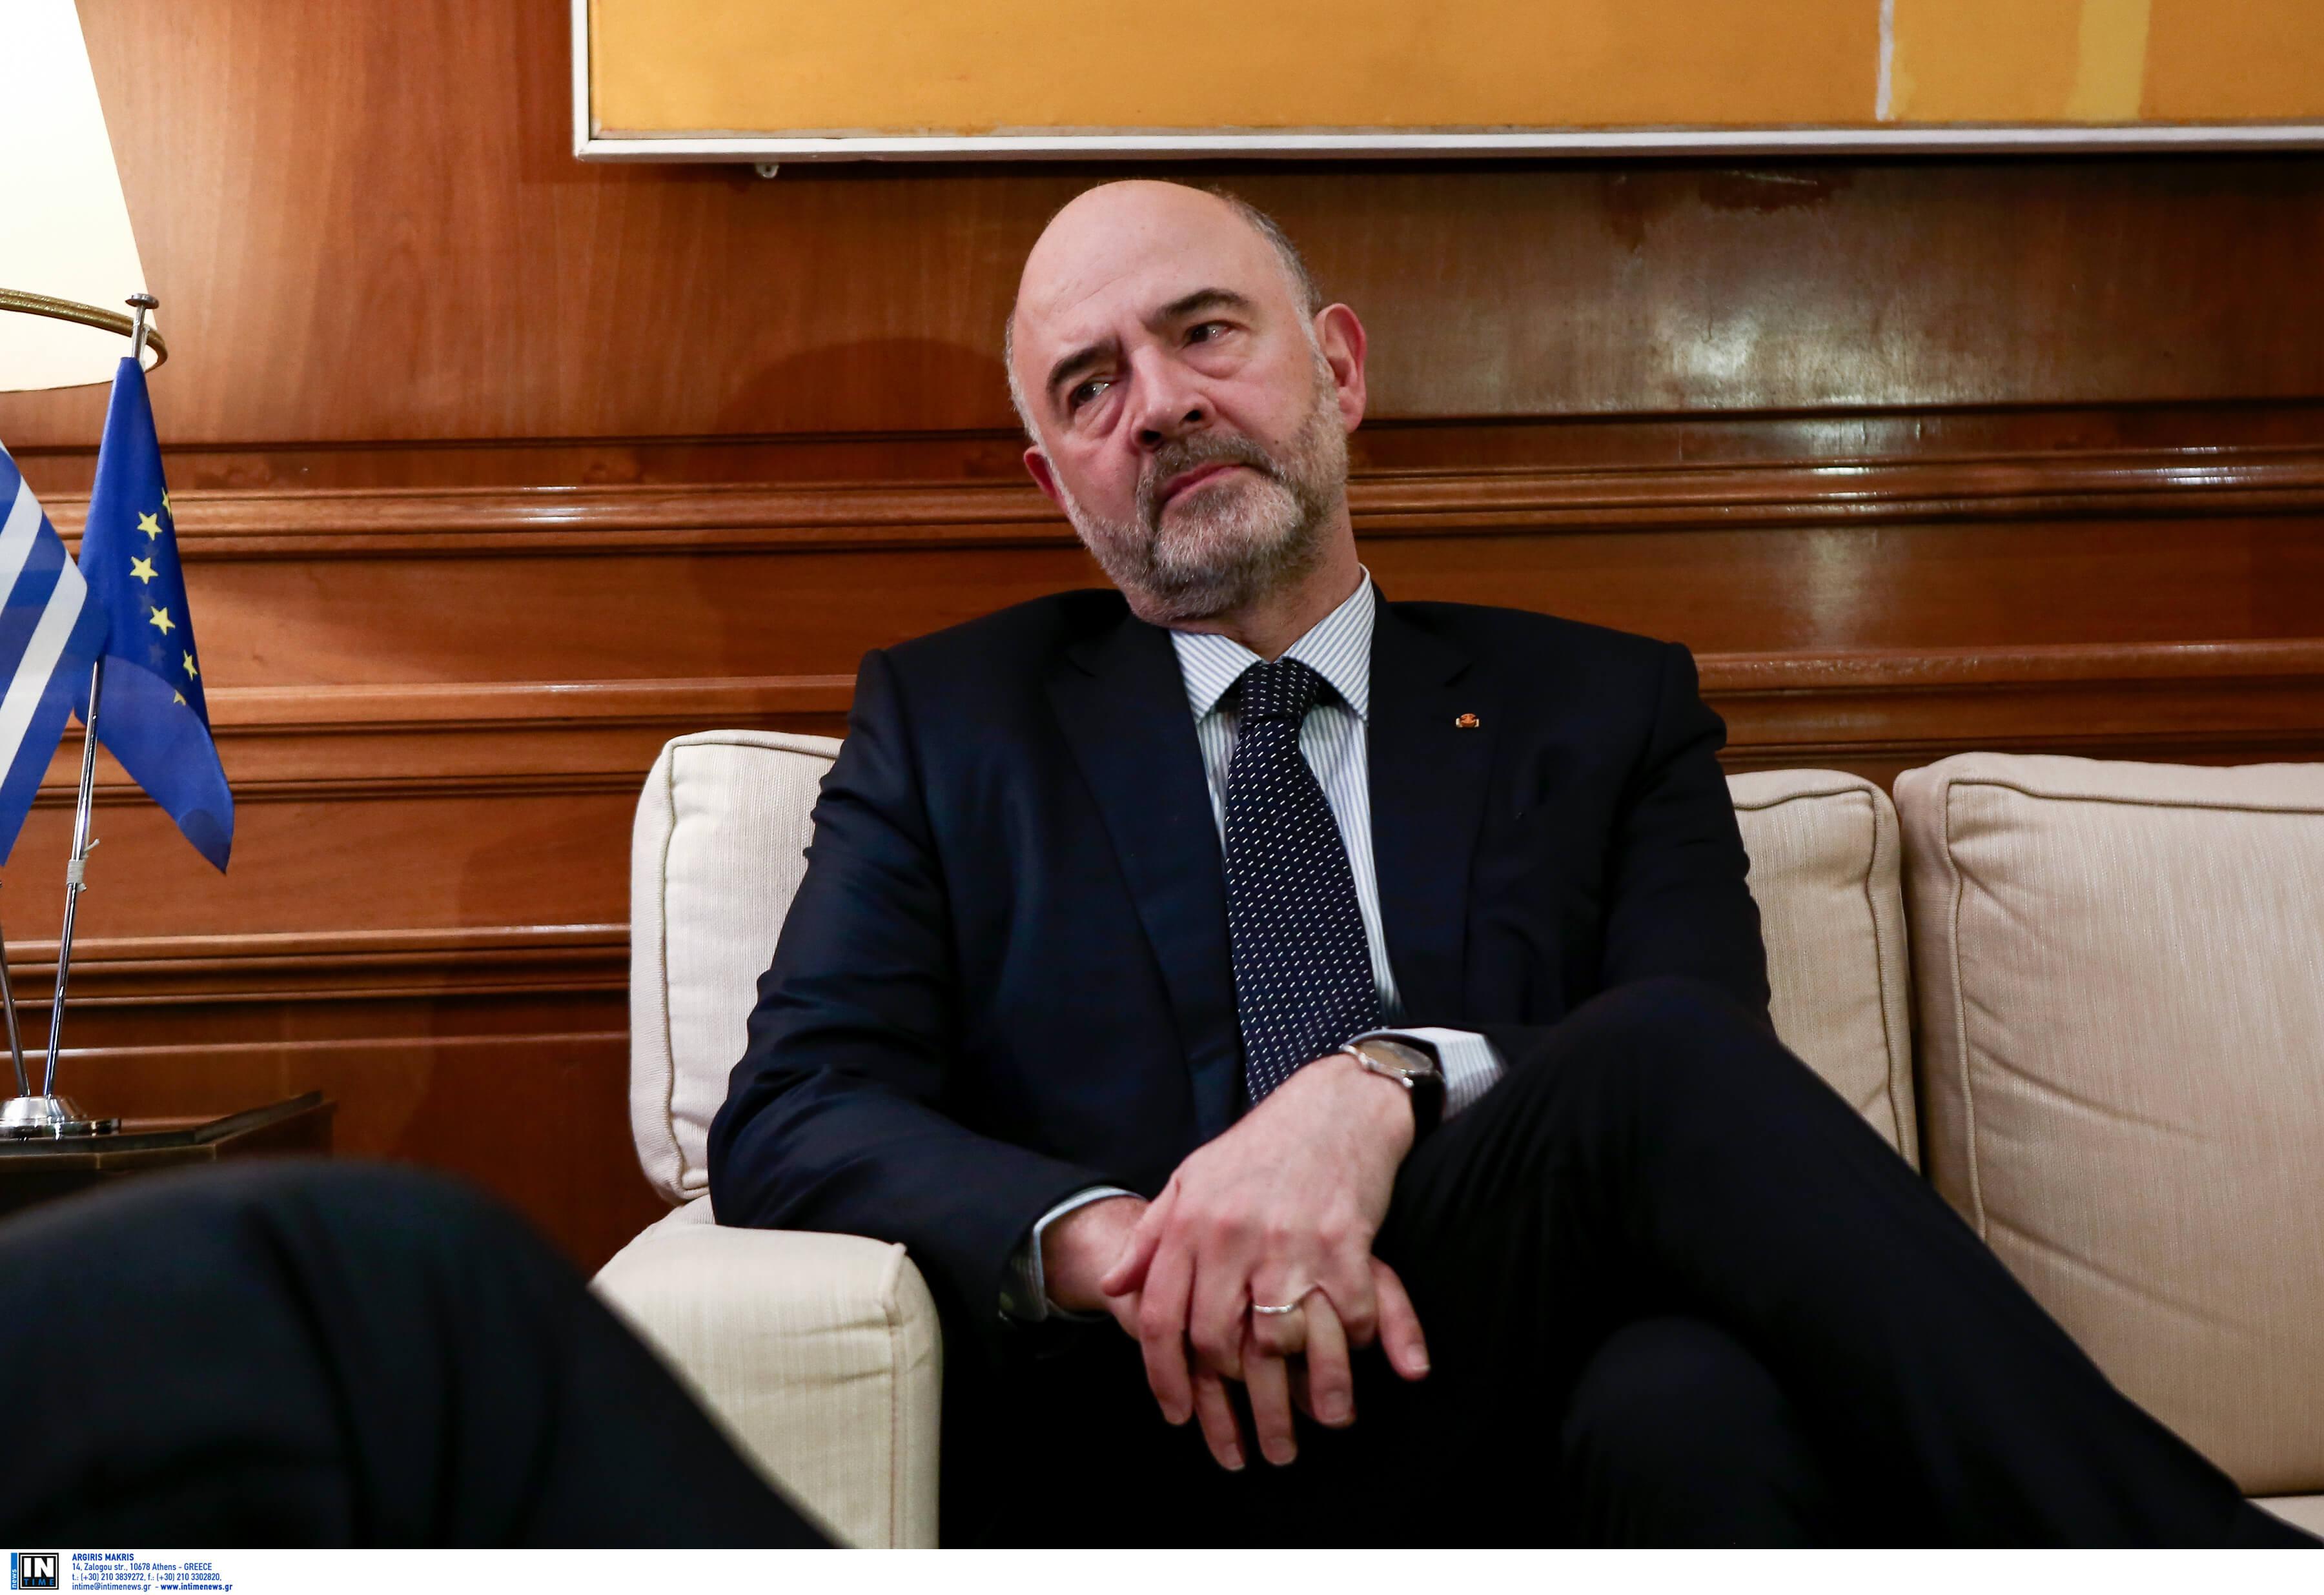 Μοσκοβισί: Δύο οι βασικές εκκρεμότητες μέχρι το Eurogroup – Εφικτή η εκταμίευση της δόσης αλλά…